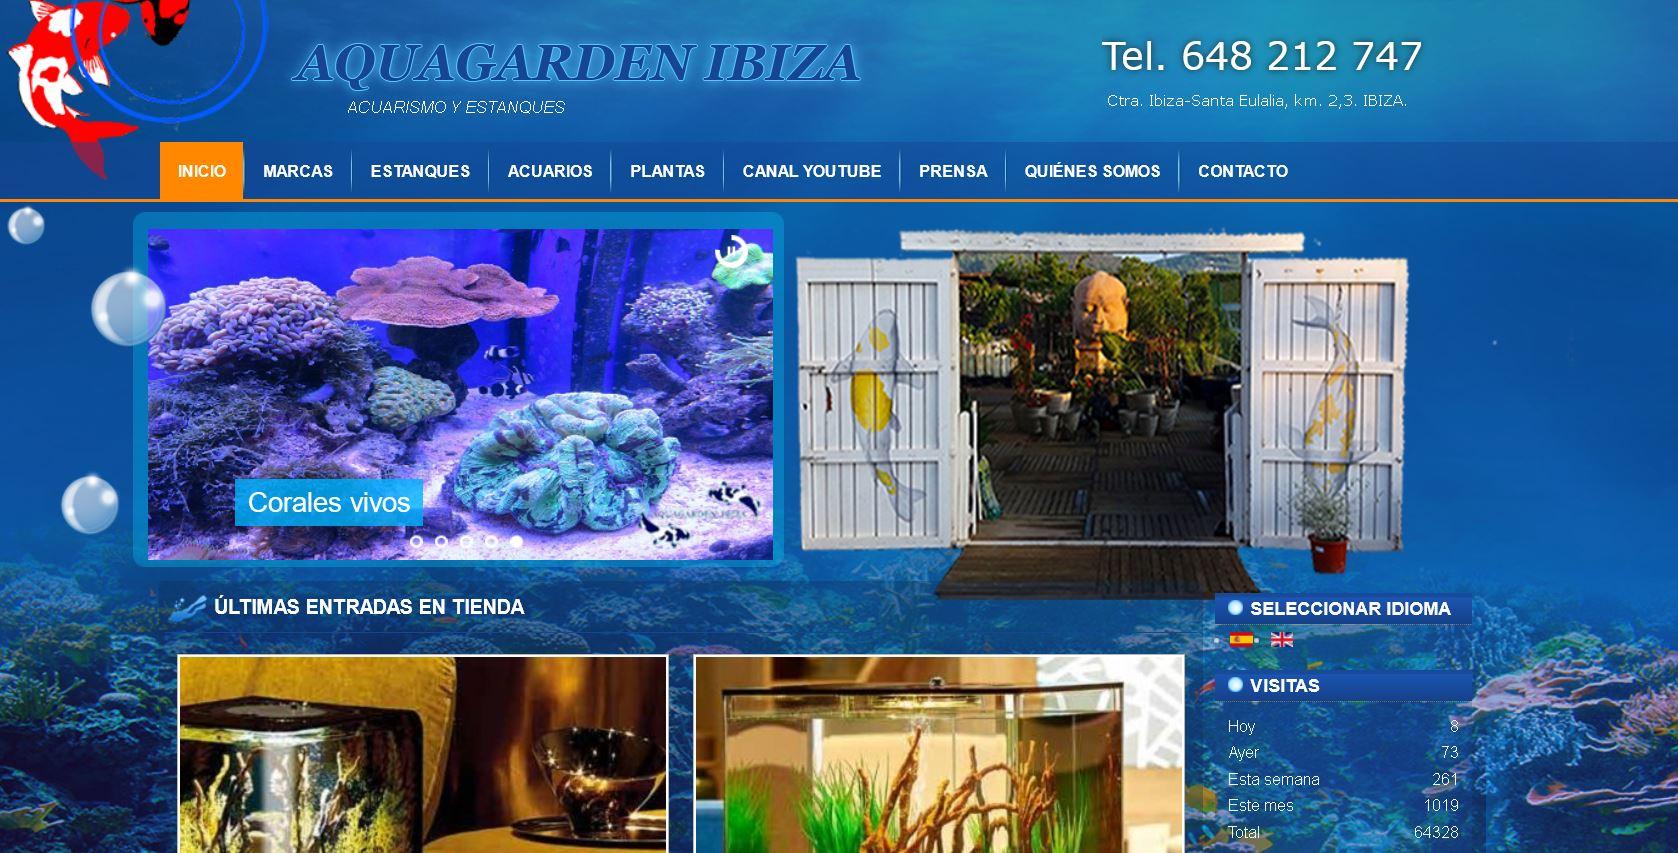 Aquagarden Ibiza